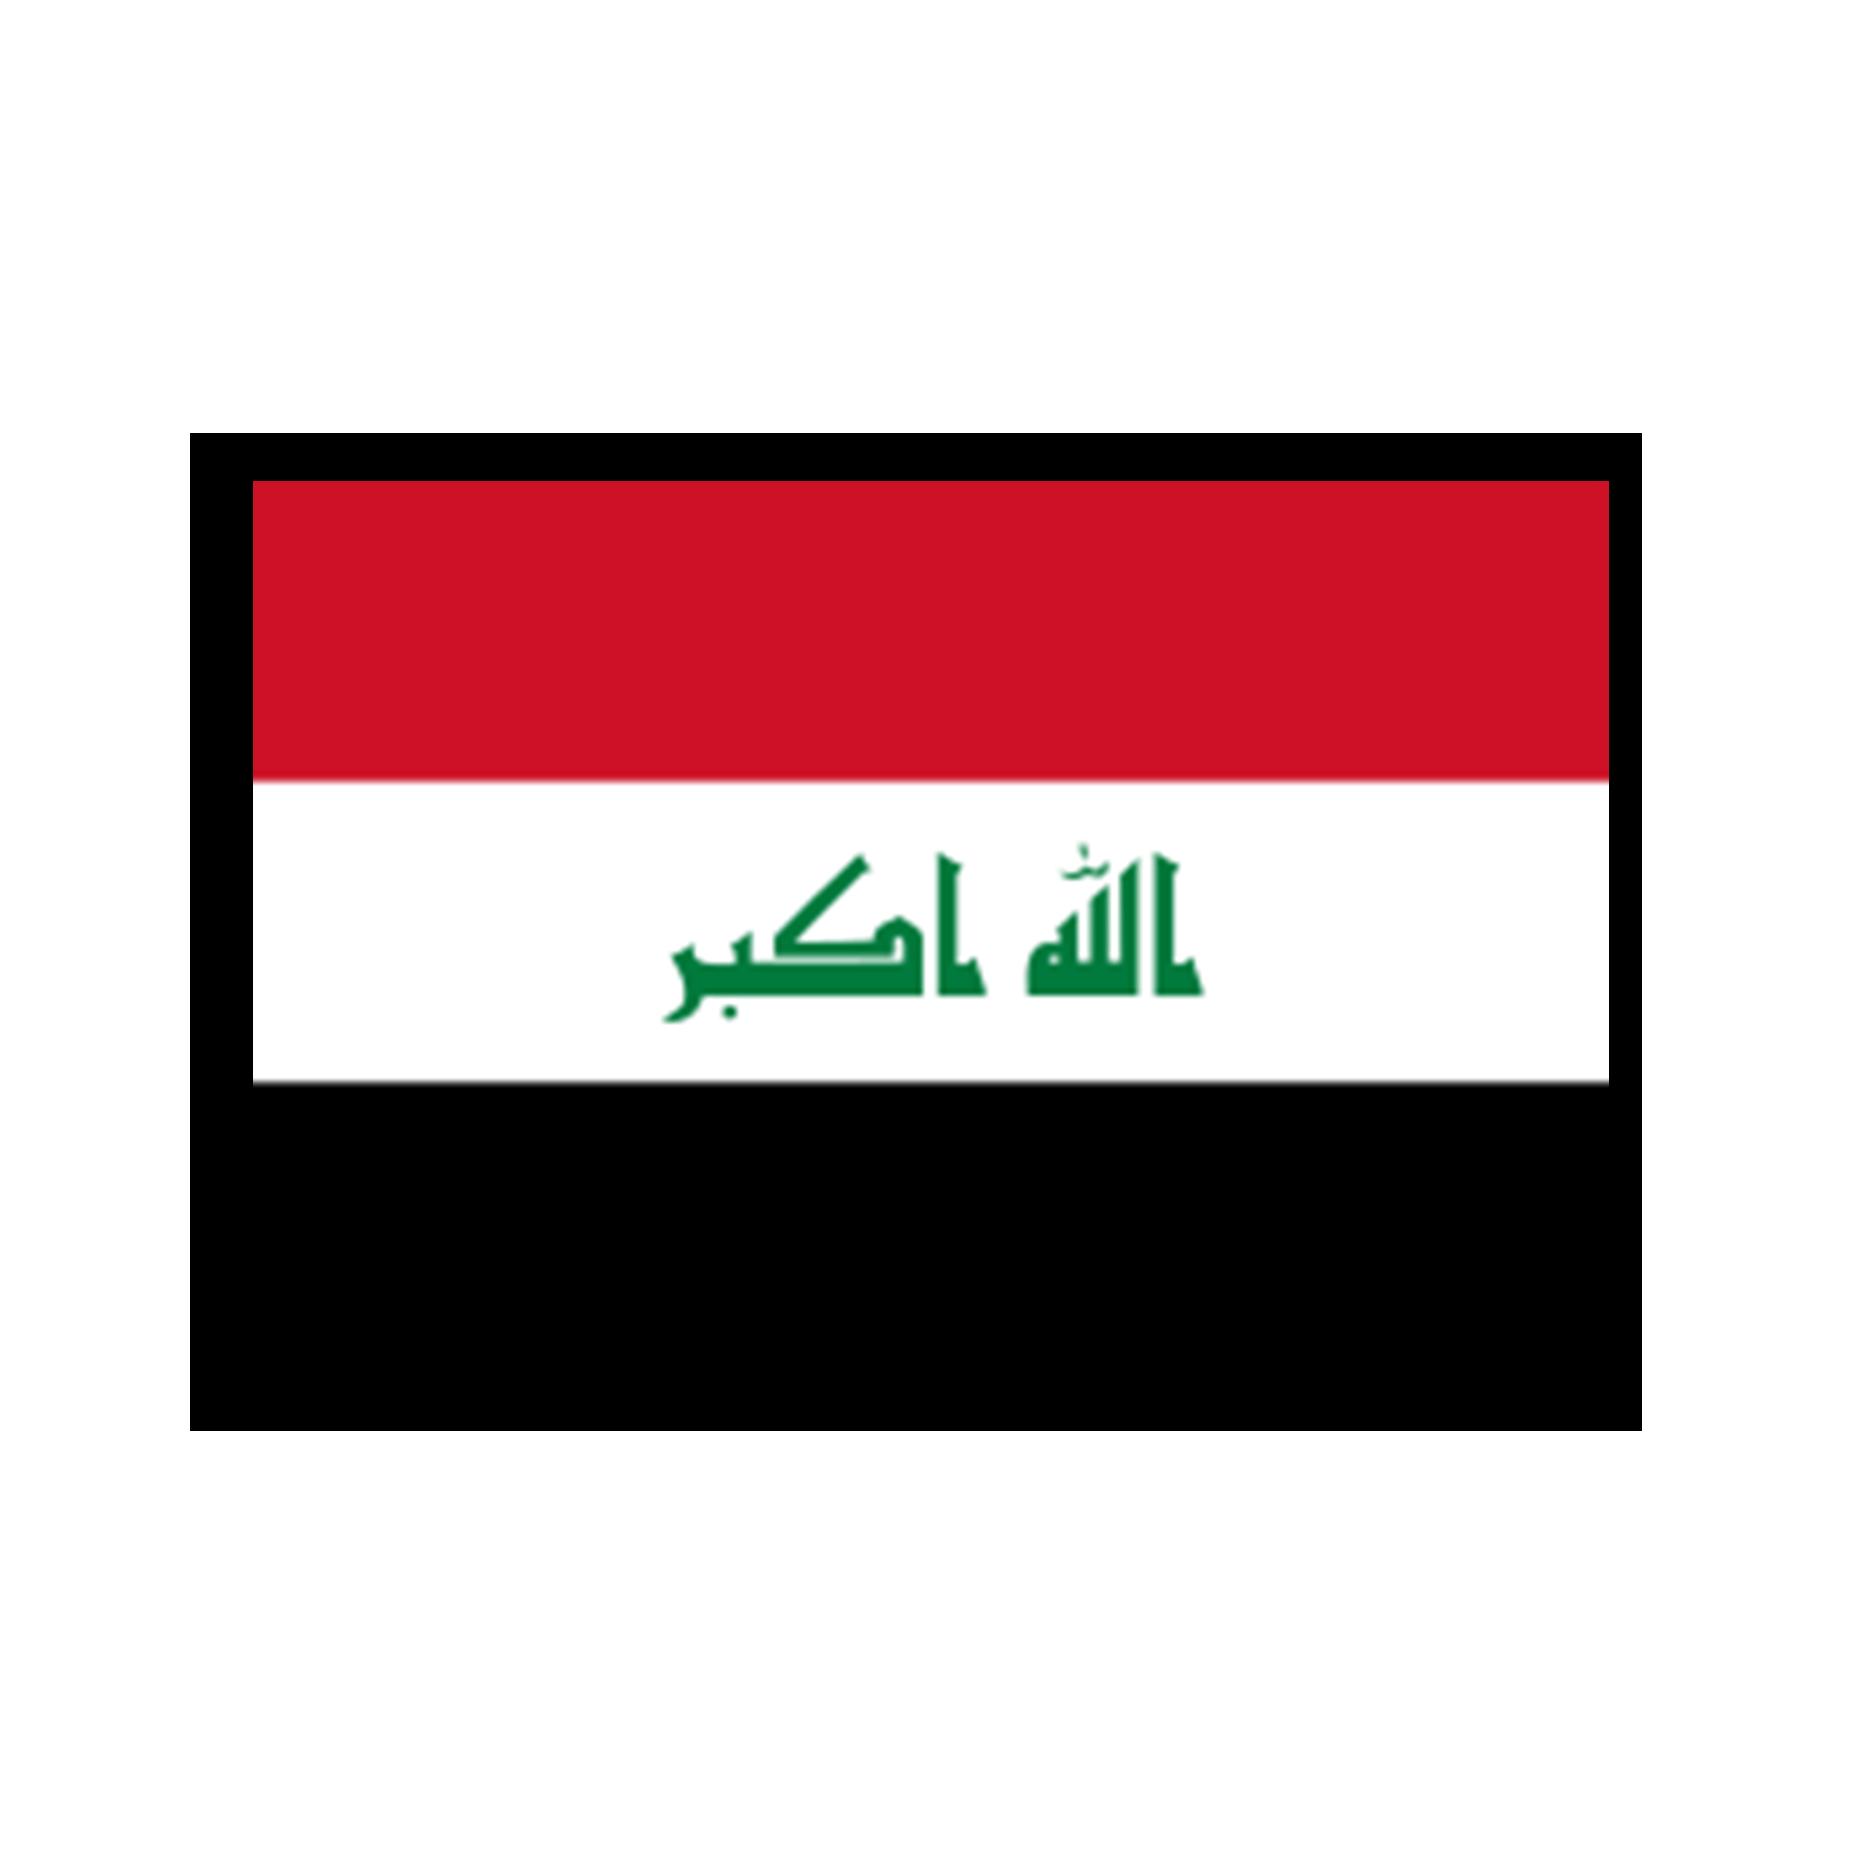 Iraq_1.png